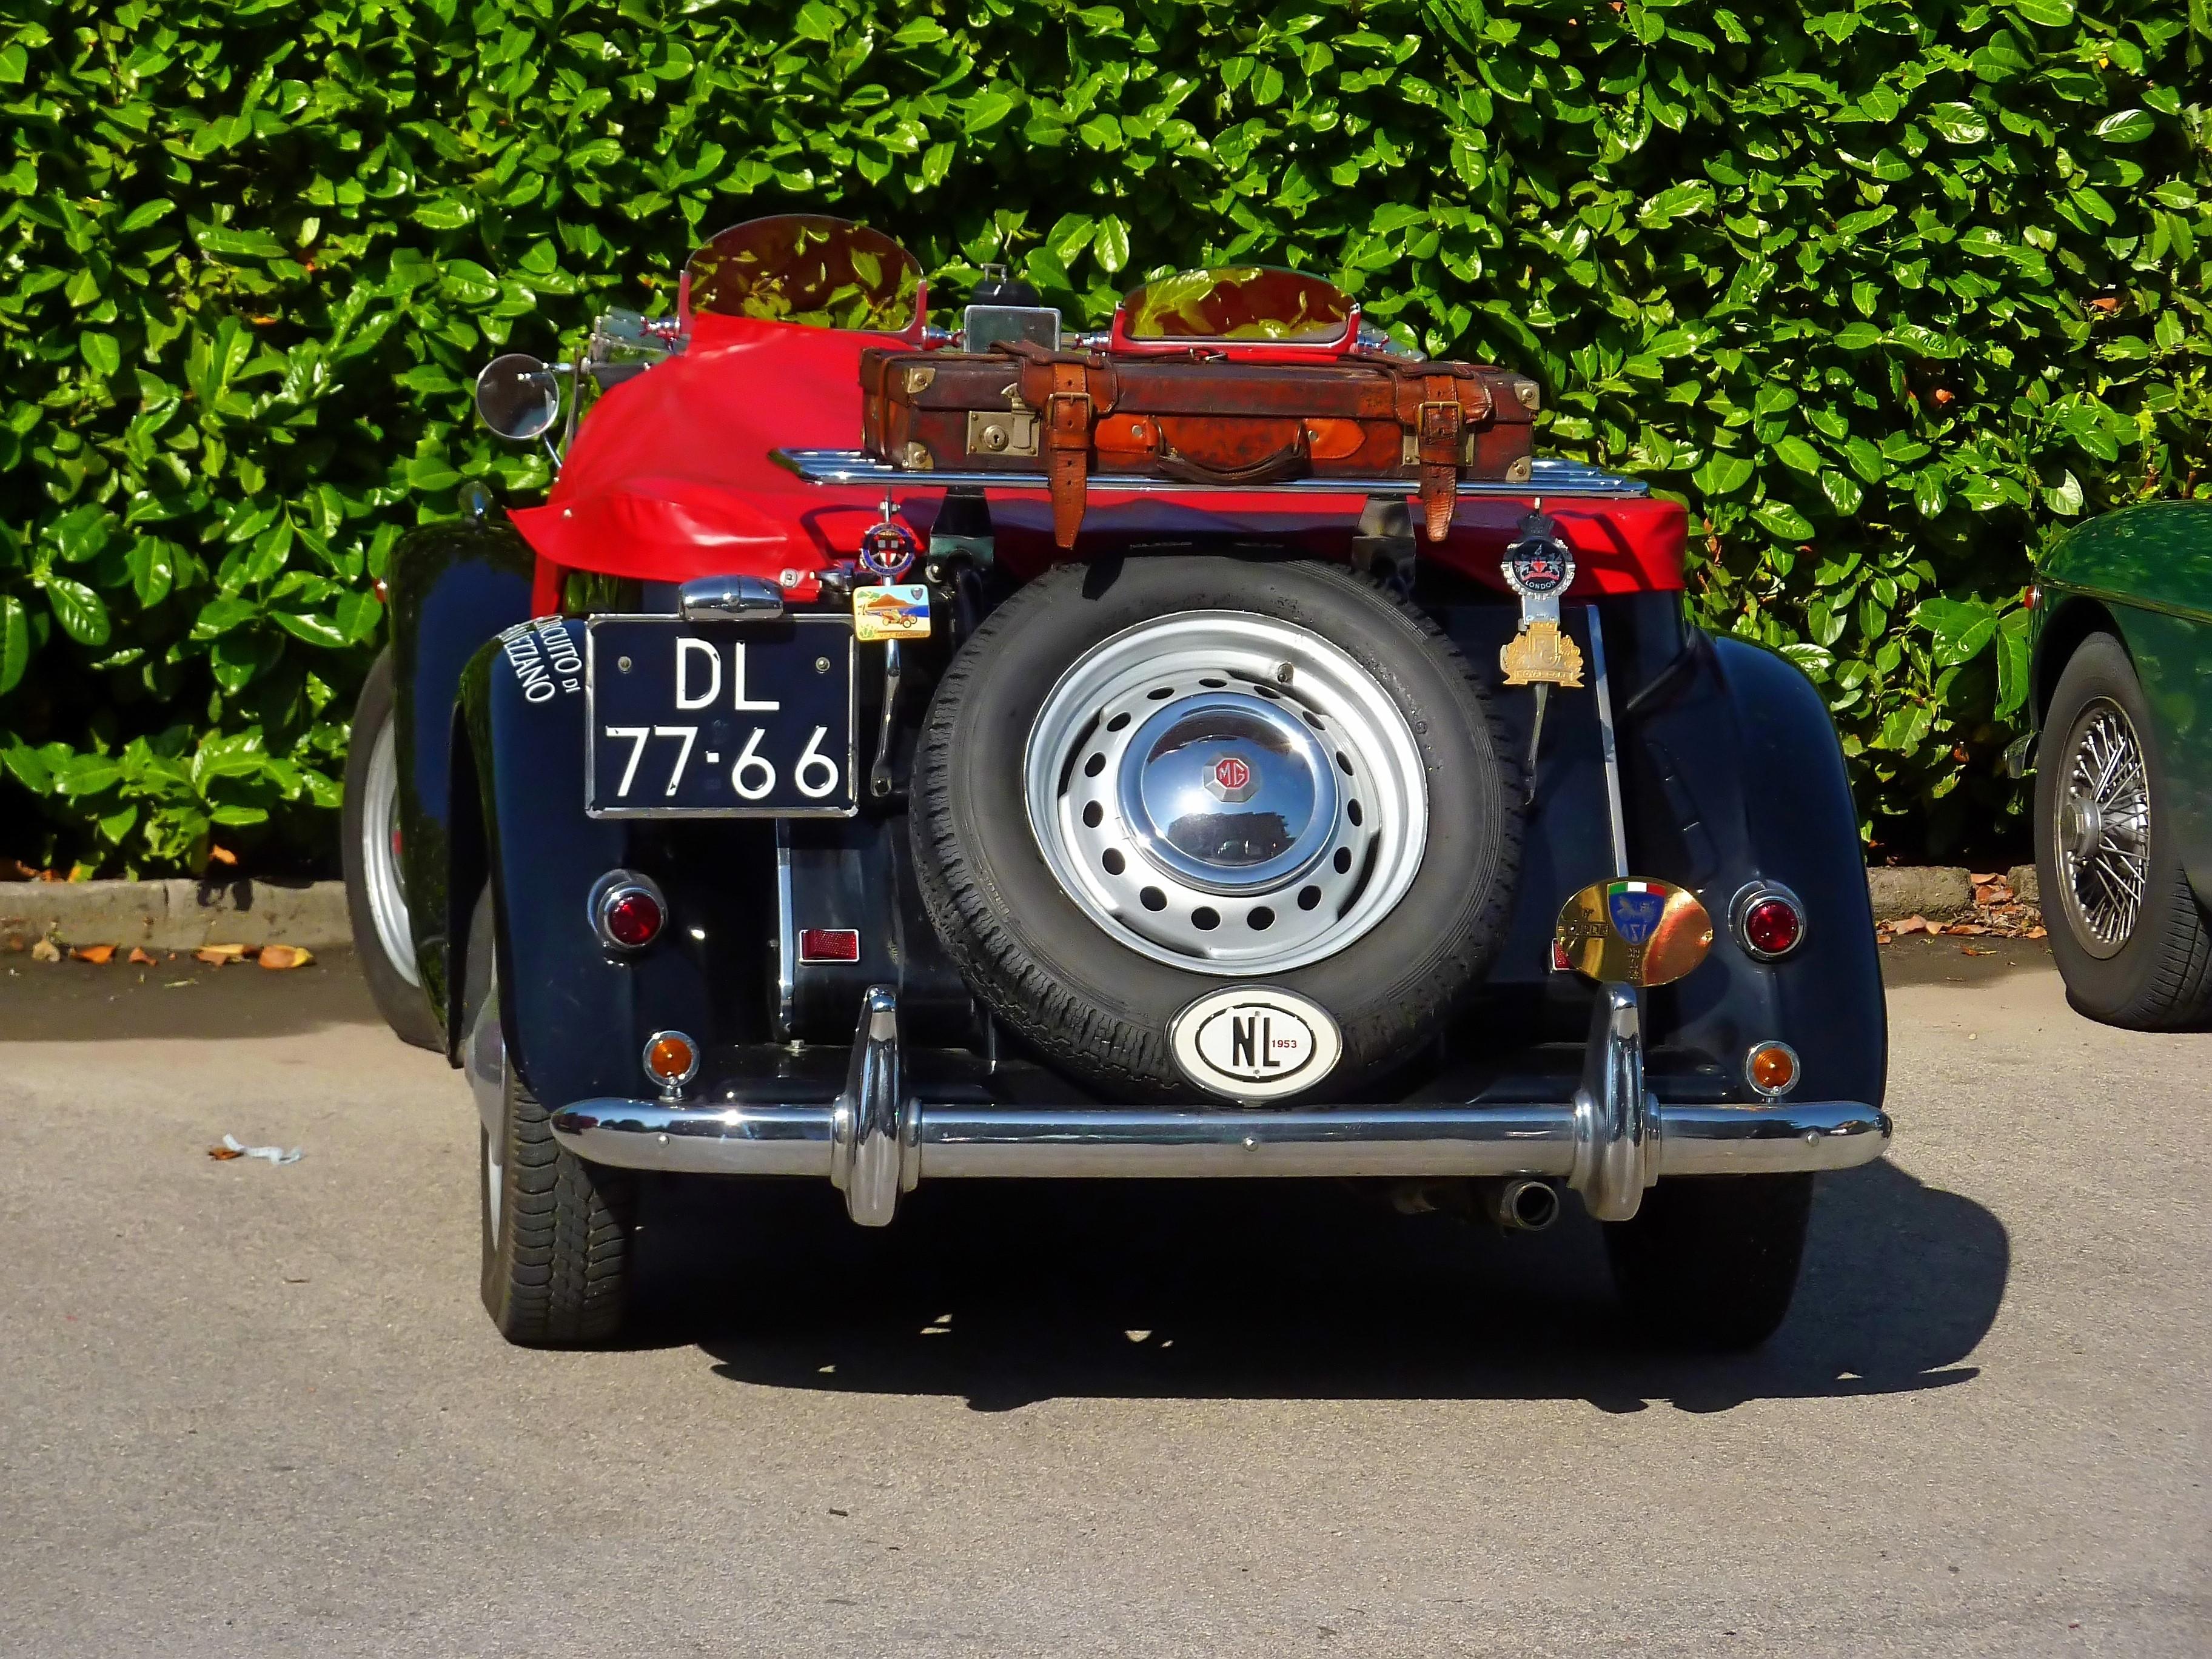 4th Circuito Di Avezzano (361)